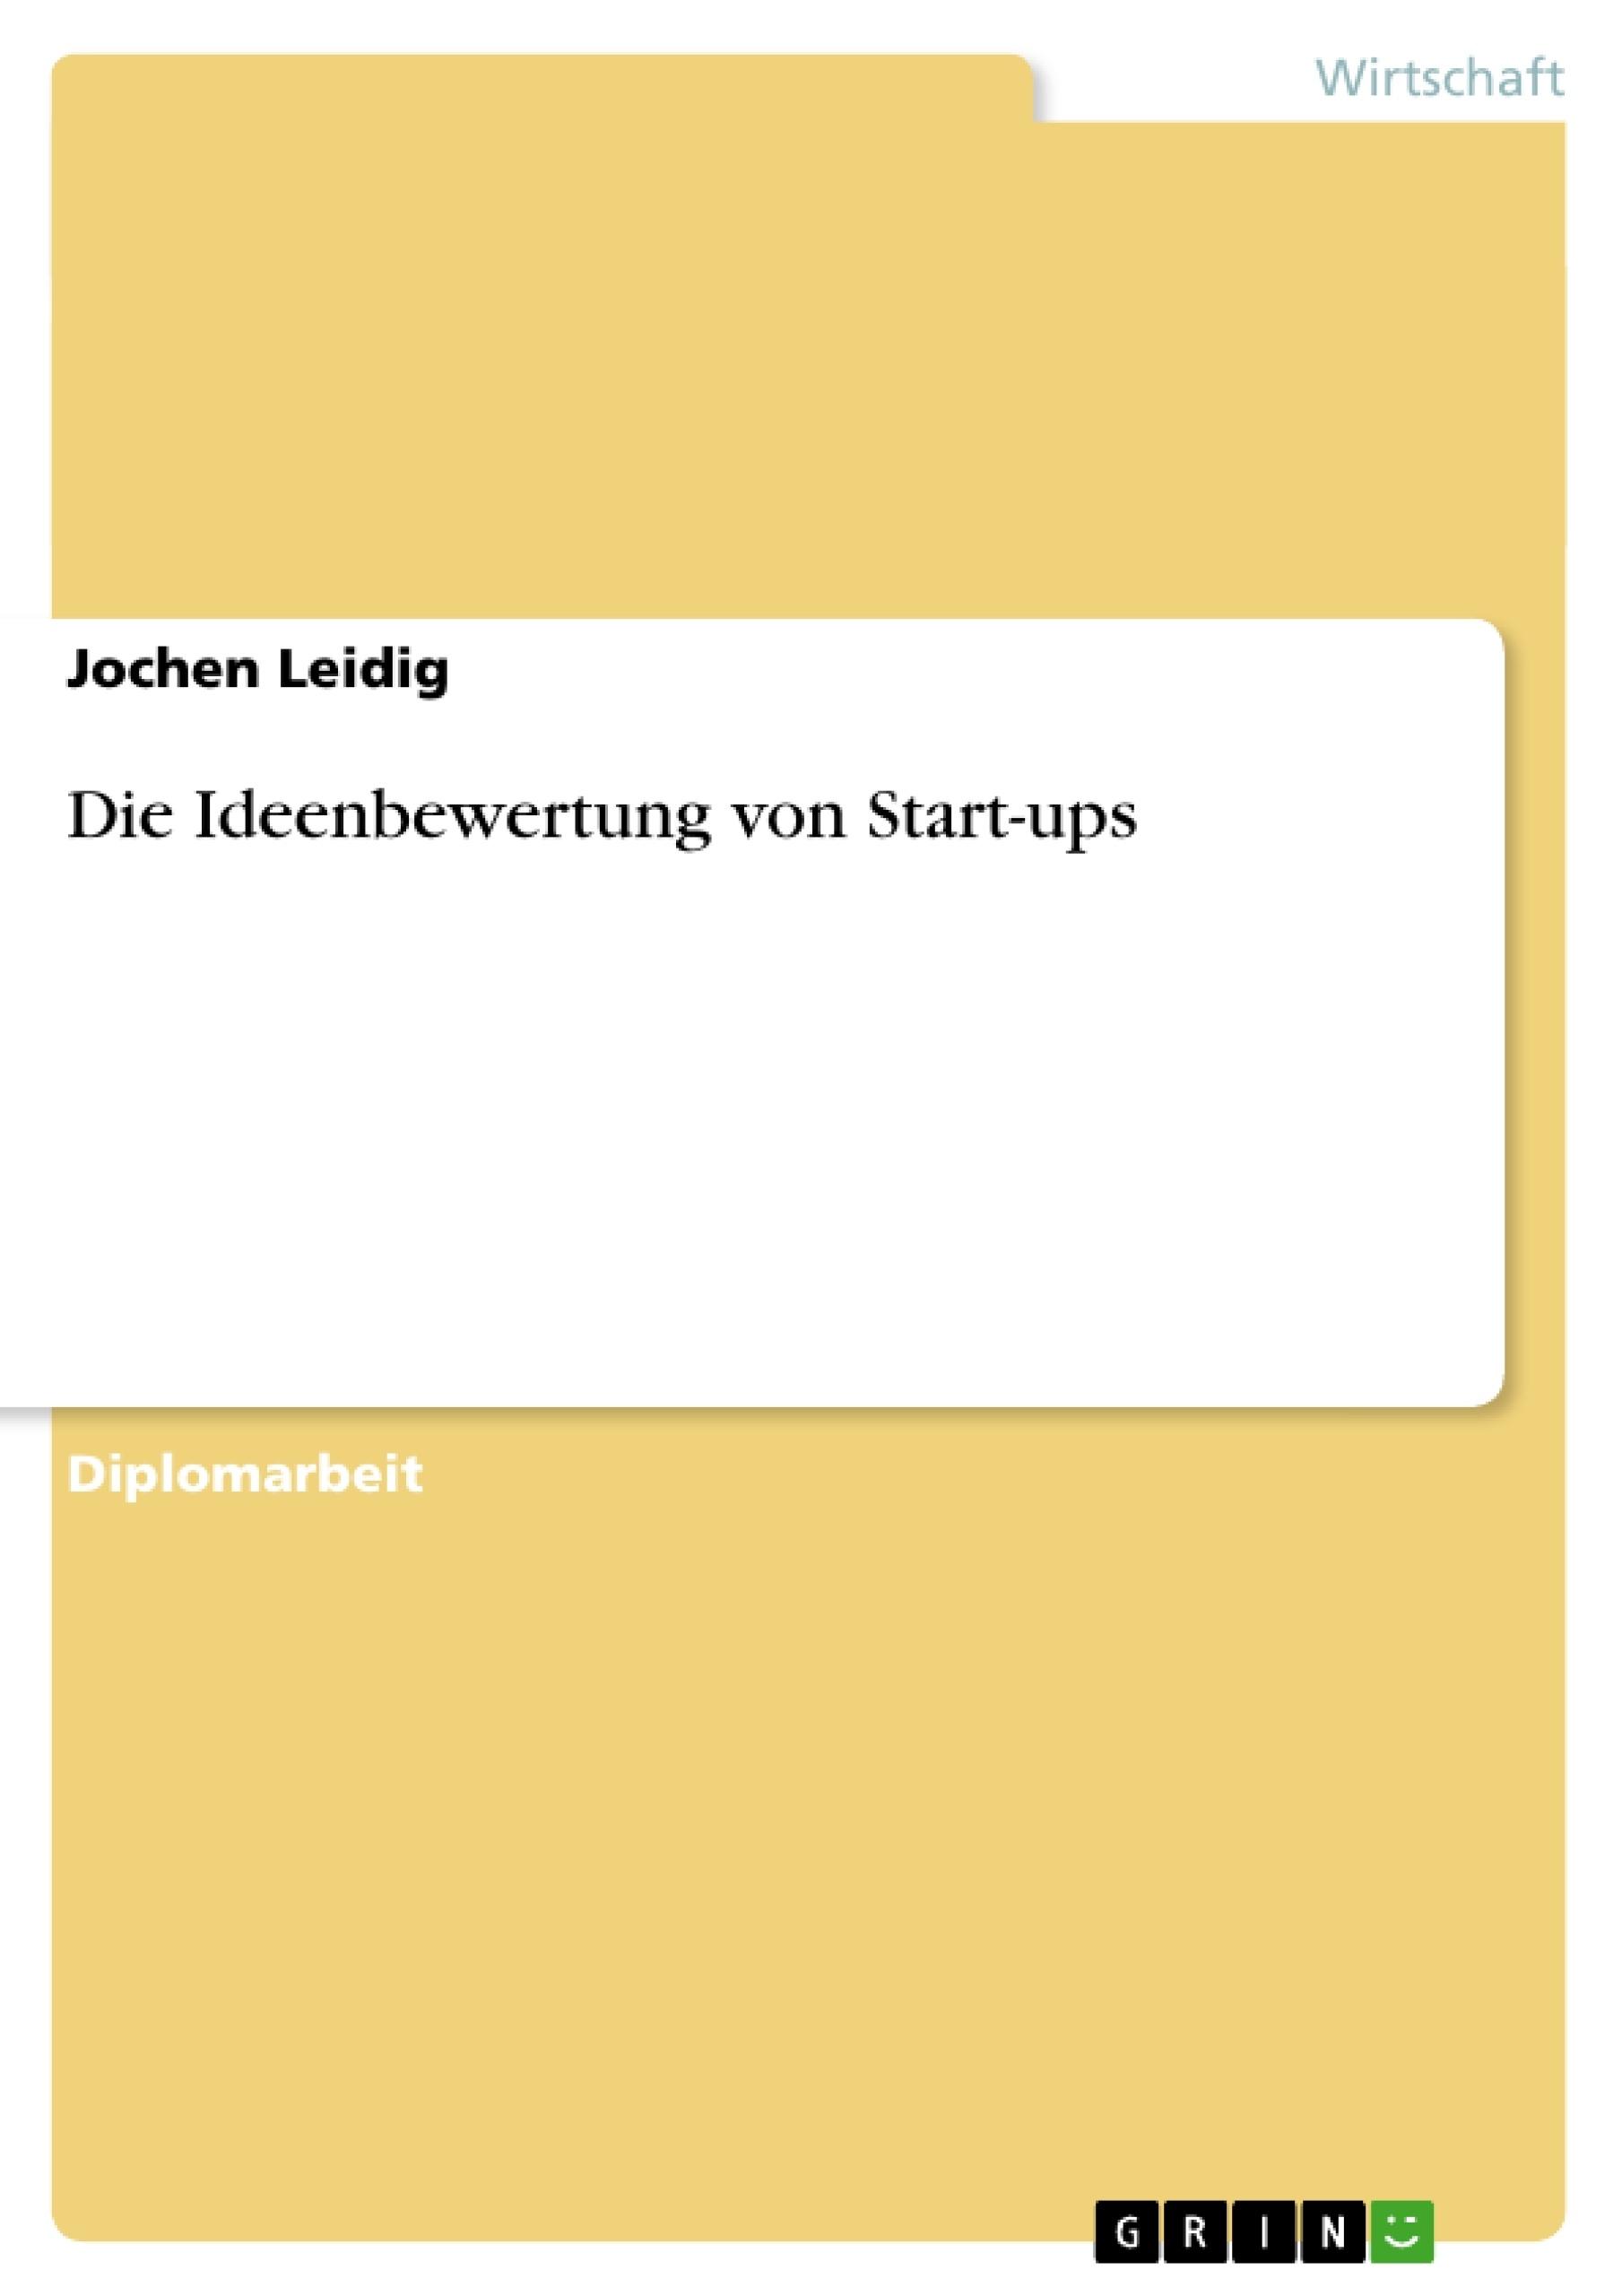 Titel: Die Ideenbewertung von Start-ups